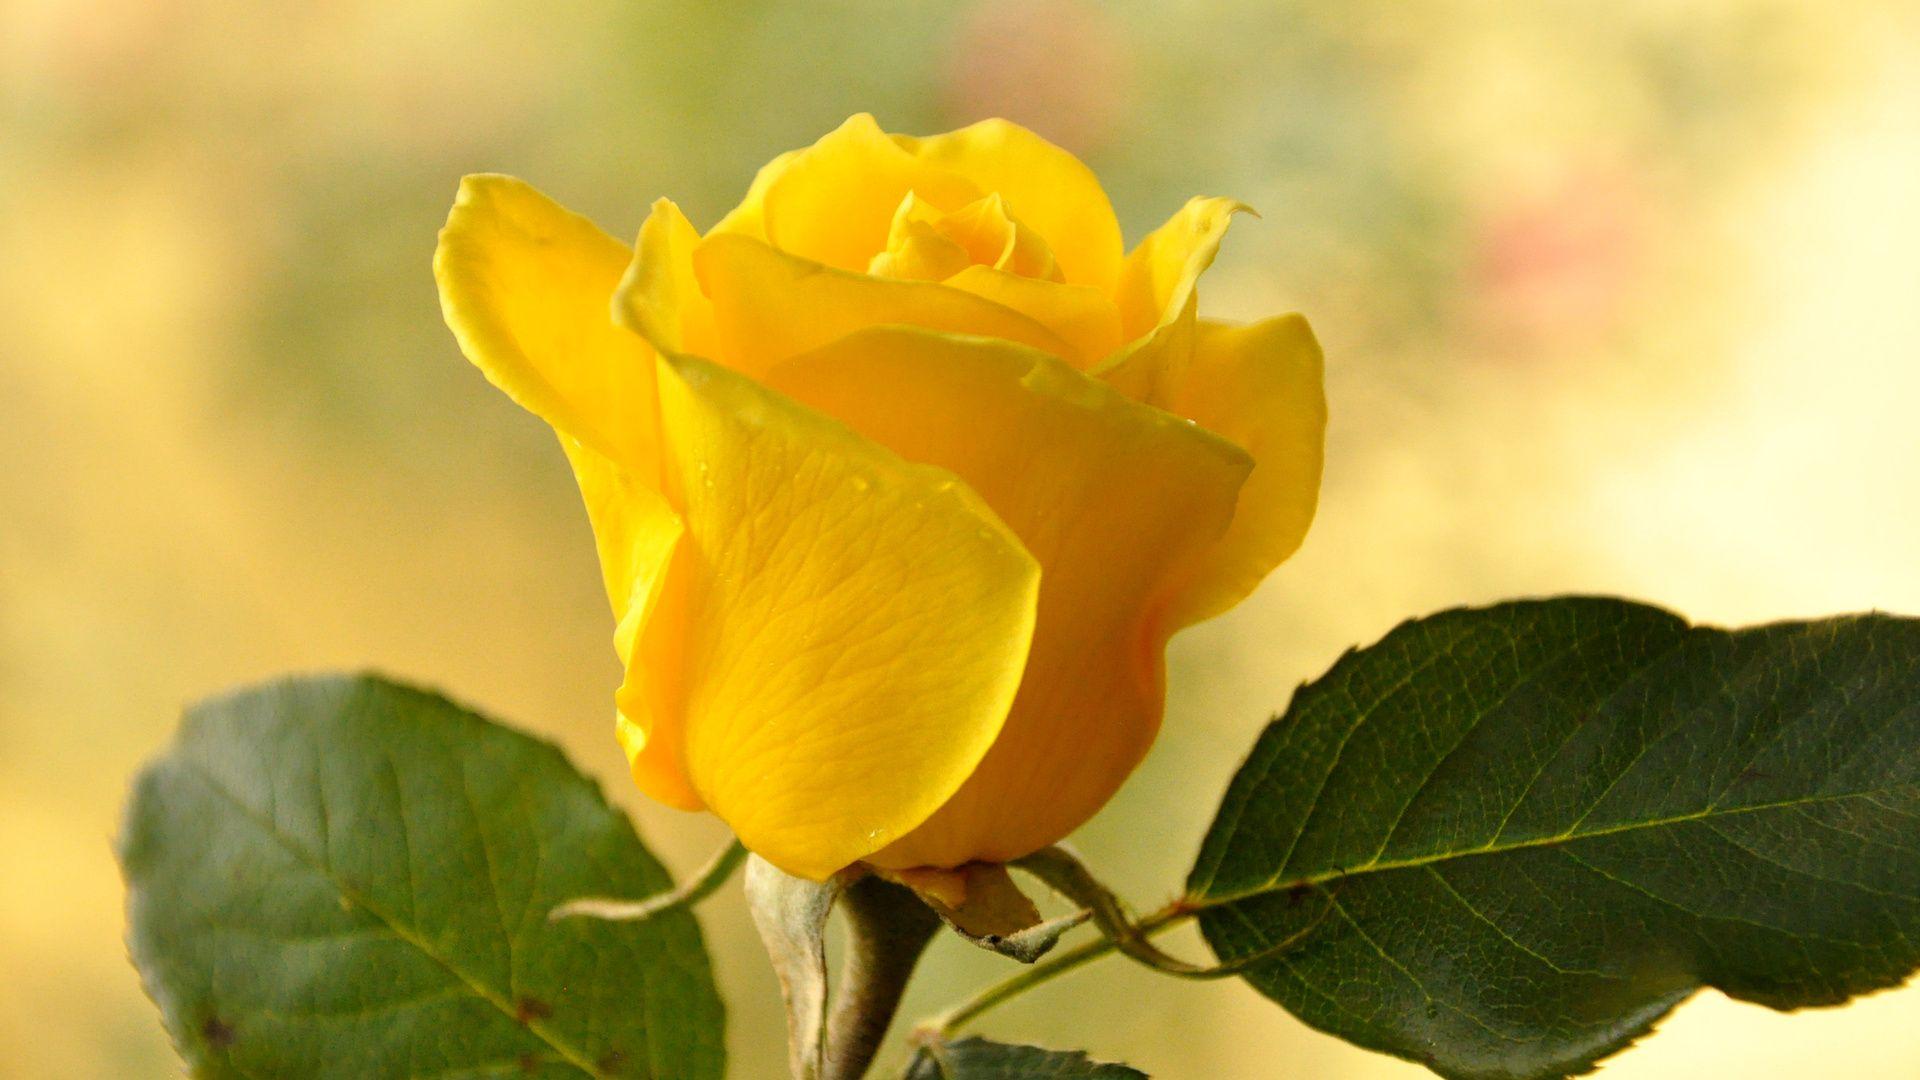 Картинка жолтая роза